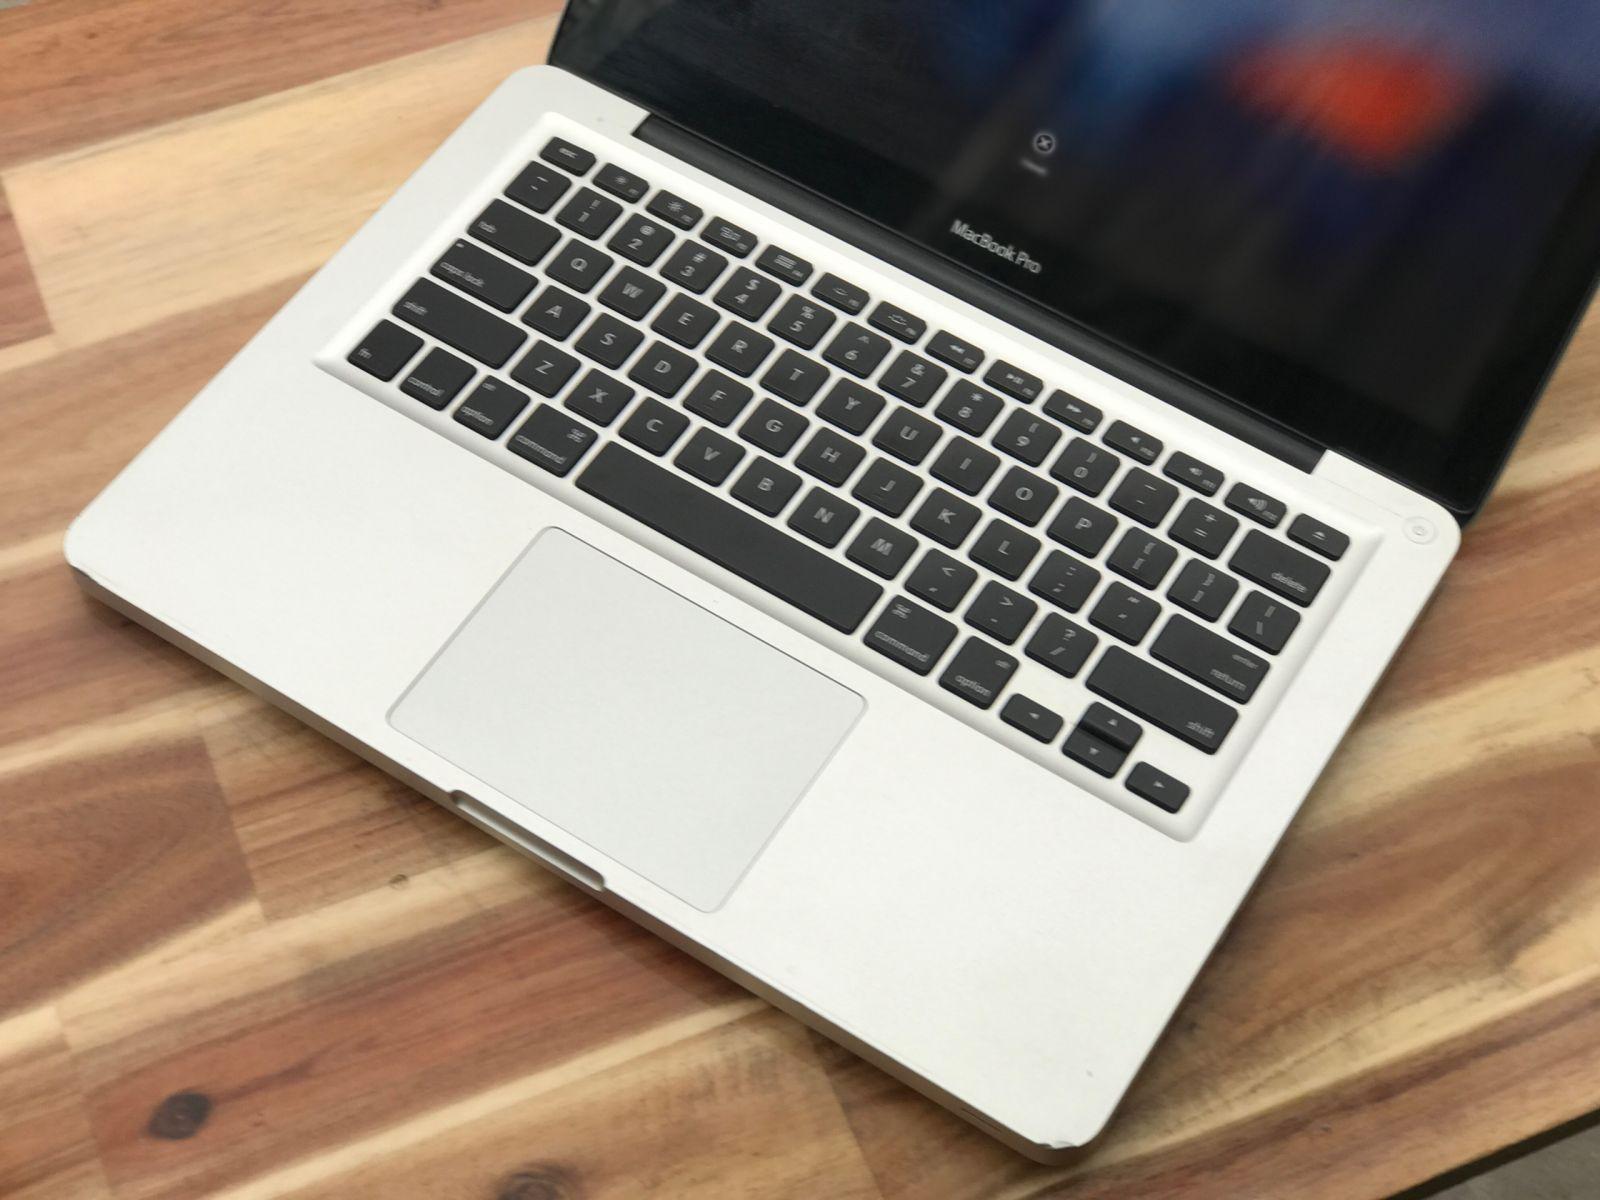 Macbook Pro 13.3in Core Duo 4G 320 đèn phím Vga rời Đẹp zin 100% - 3